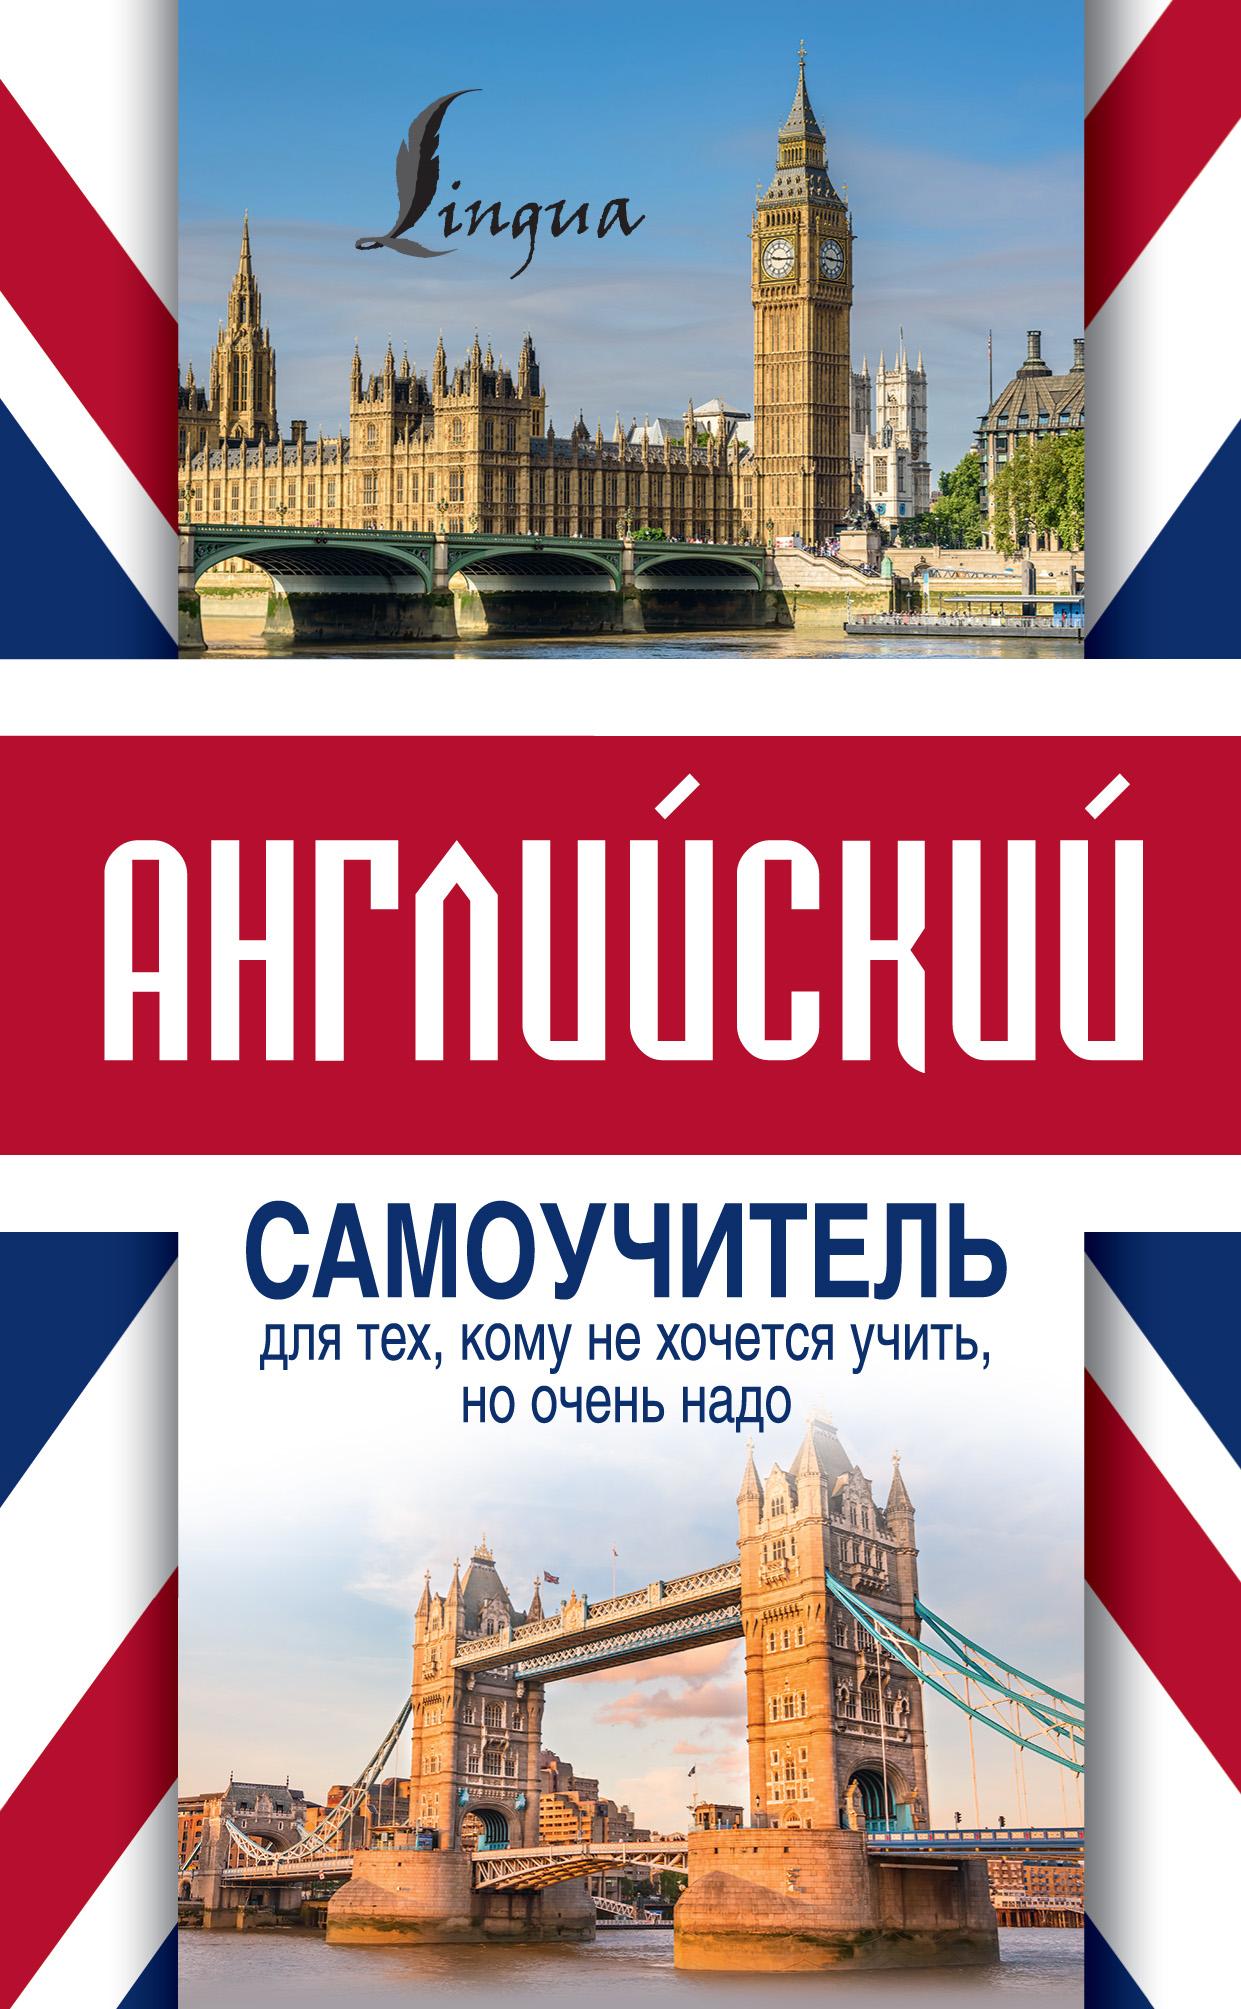 С. А. Матвеев Английский самоучитель для тех, кому не хочется учить, но очень надо издательство аст быстрый английский для тех кому надо не знать а просто объясняться